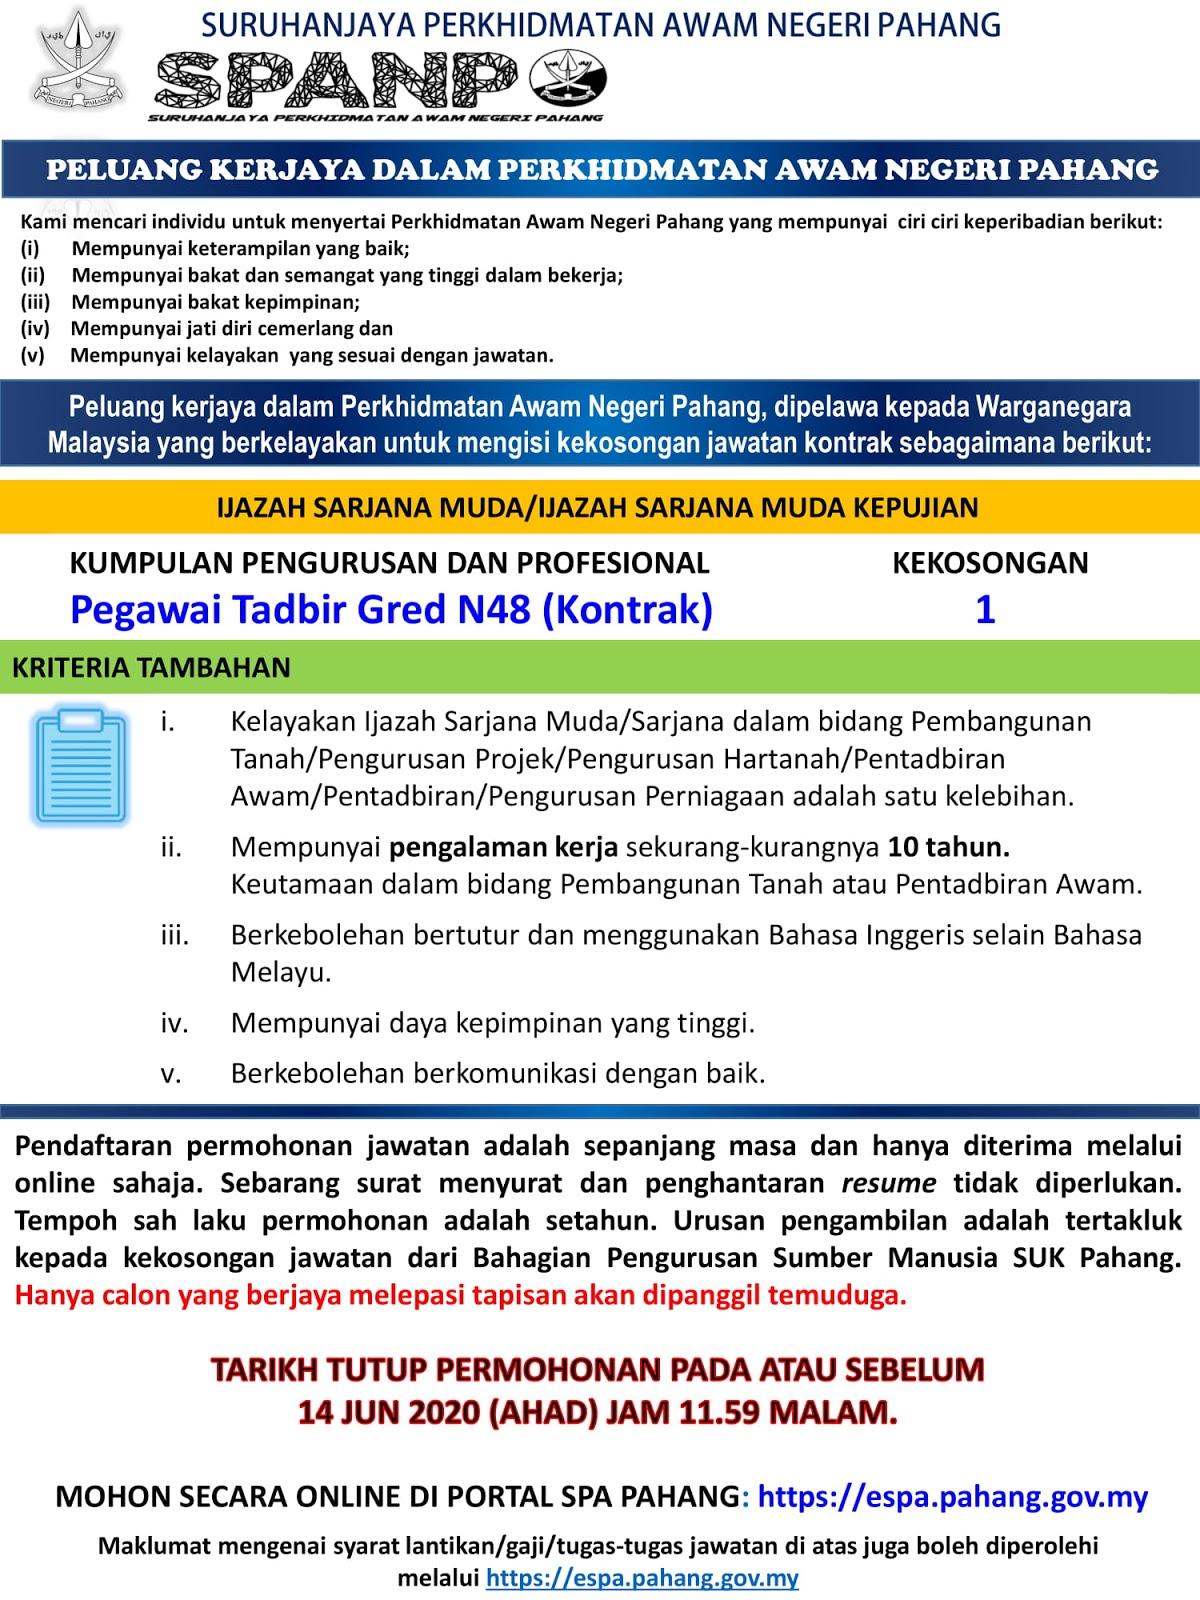 Suruhanjaya Perkhidmatan Awam Negeri Pahang Spanp